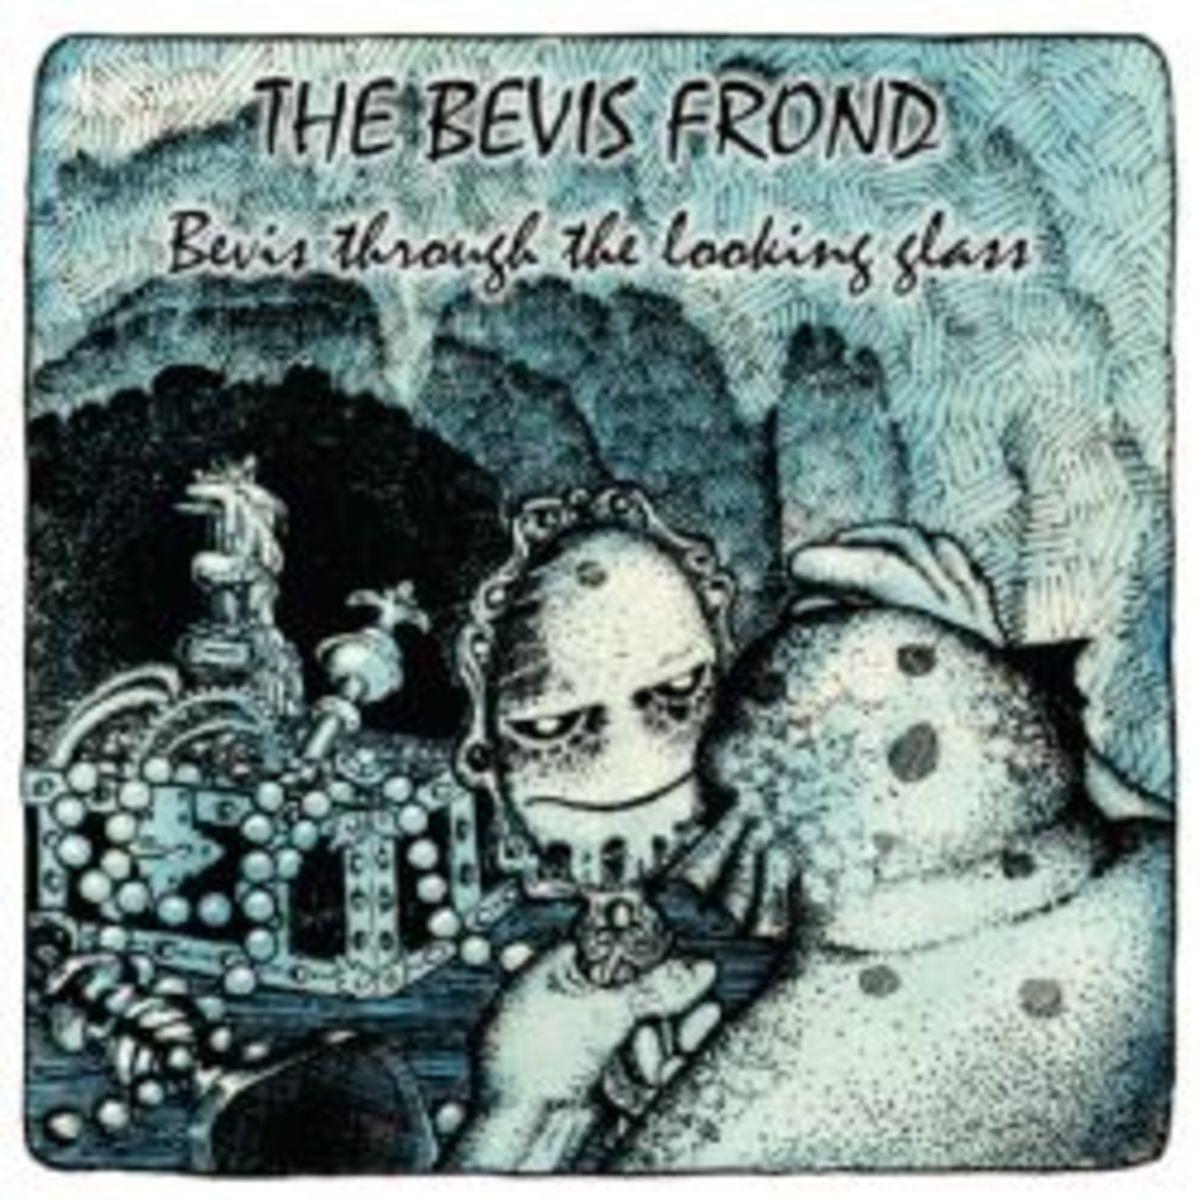 BEVIS Looking Glass